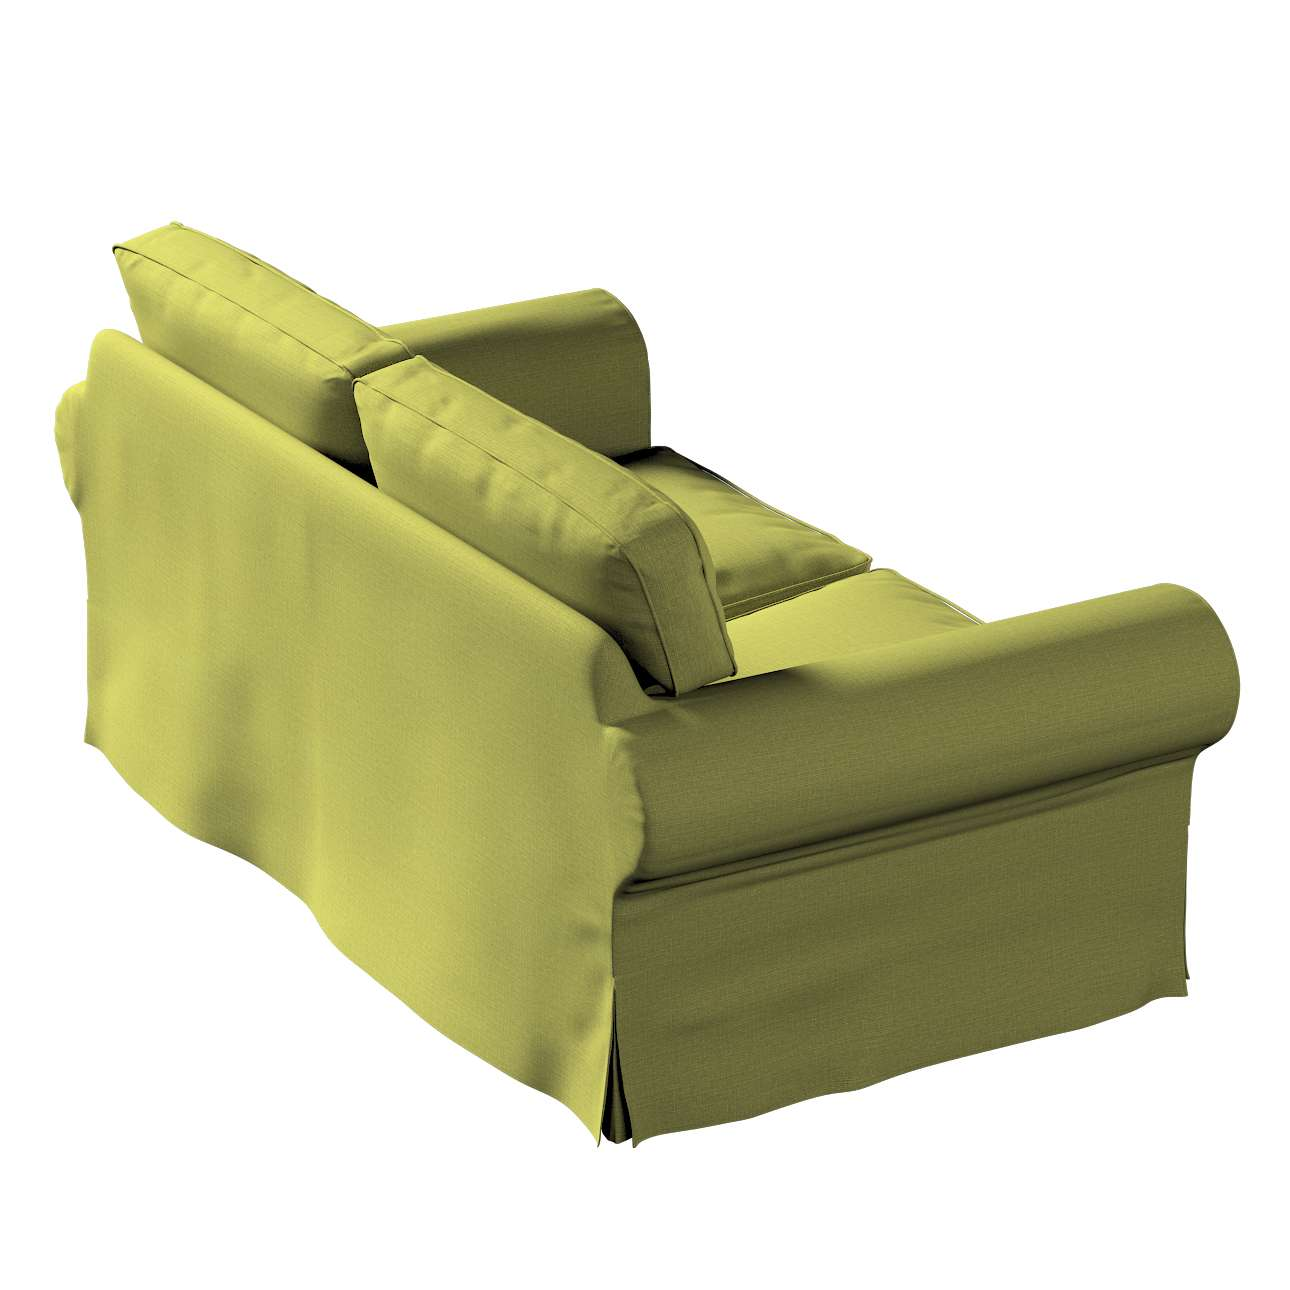 IKEA hoes voor 2-zitsslaapbank - OUD model van de collectie Living II, Stof: 161-13